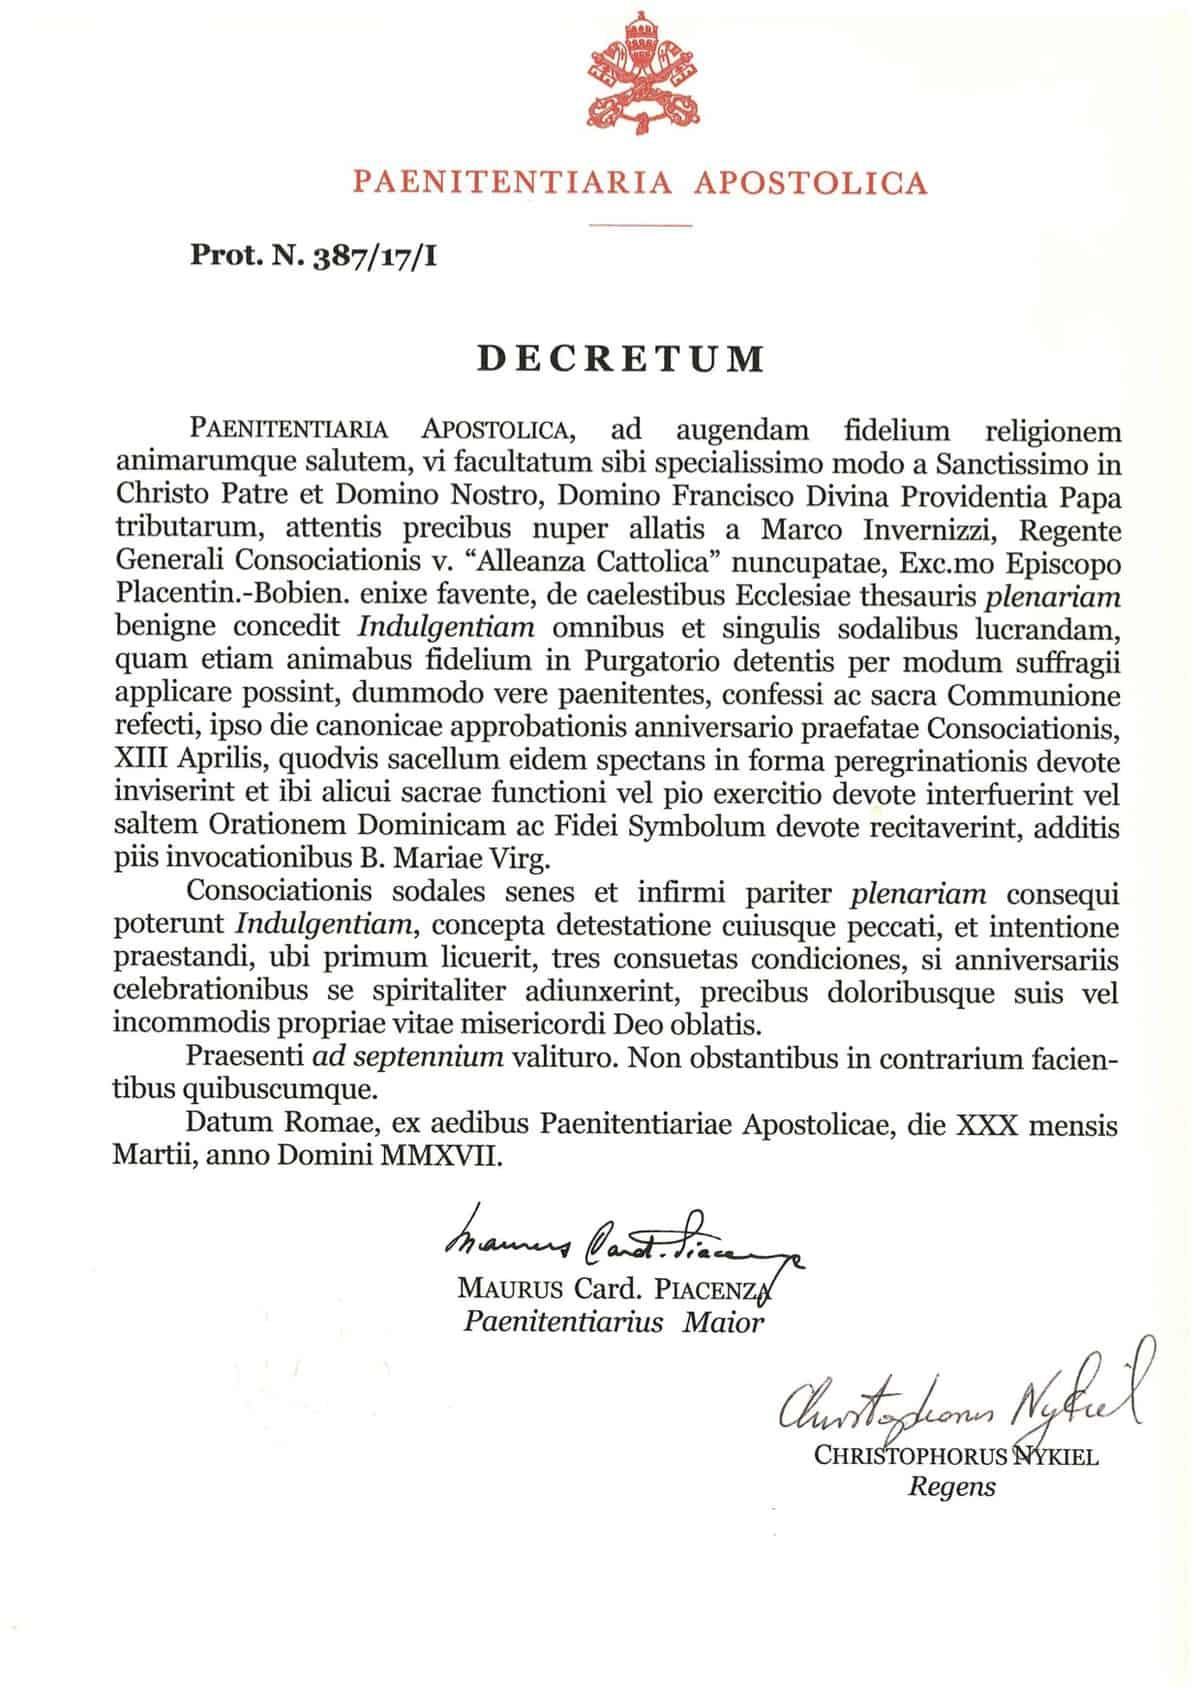 papa francesco favorevole alle unioni civili omosessuali Scafati